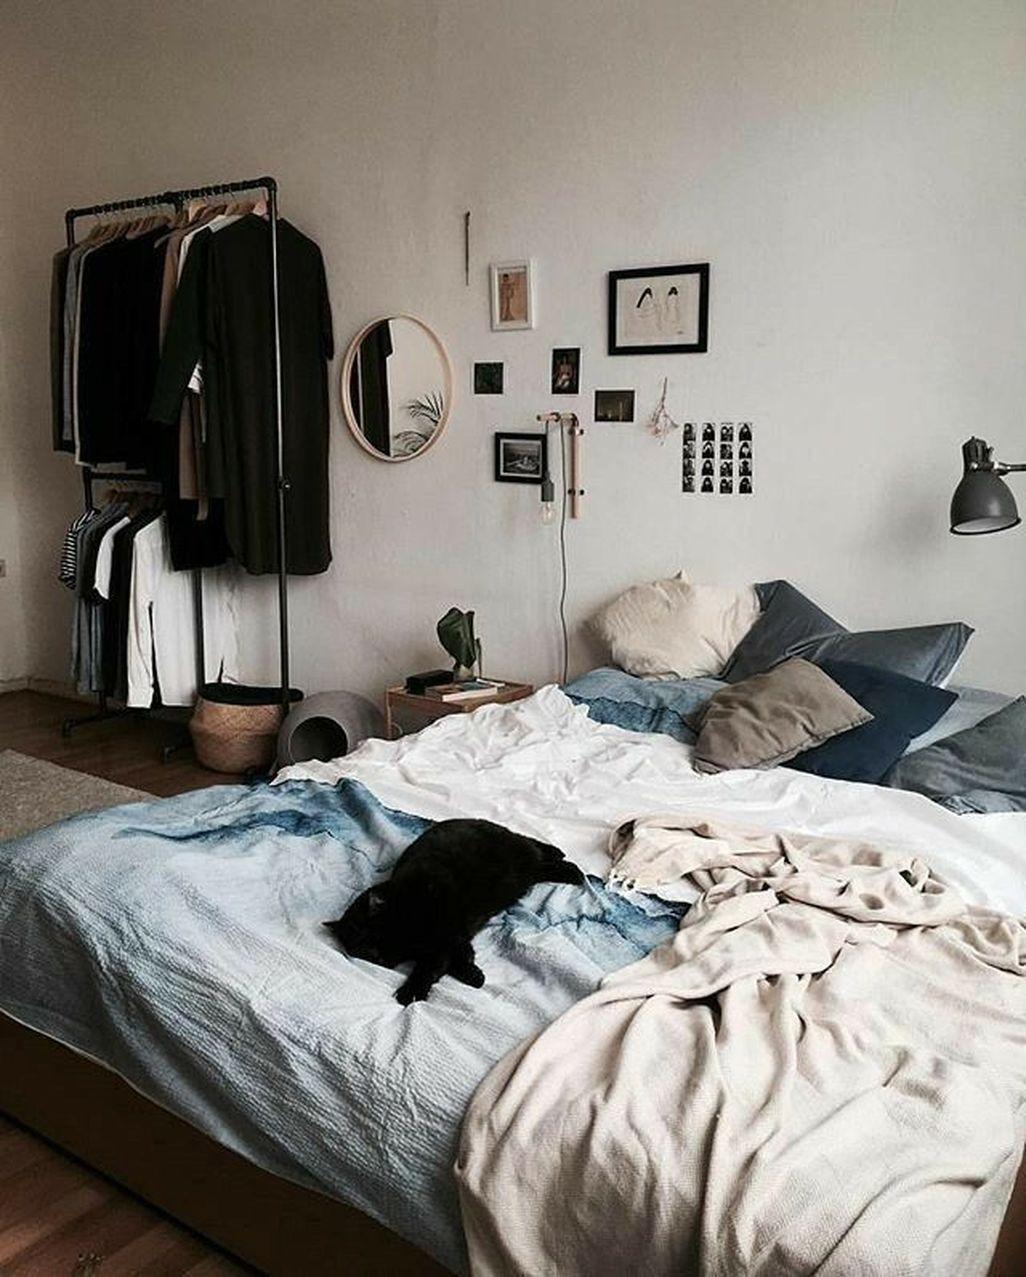 40 Minimalist Bedroom Ideas: 40 Modern Minimalist Bedroom Decor Ideas